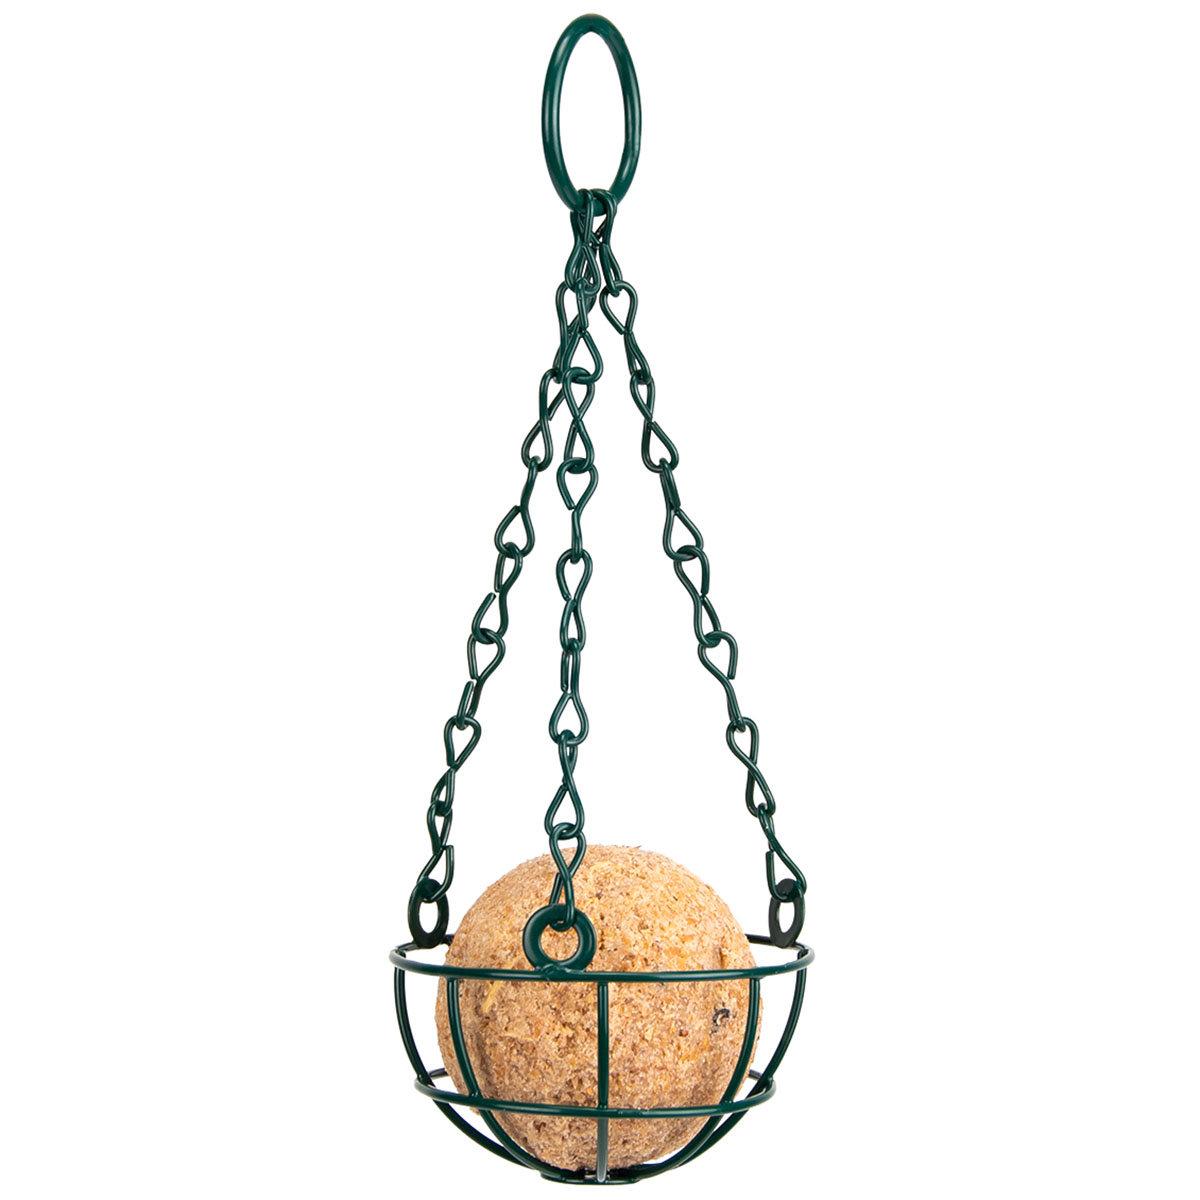 Ganzjahres-Meisenknödel ohne Netz, mit Halter, 35 Stück, Vorratspack | #2